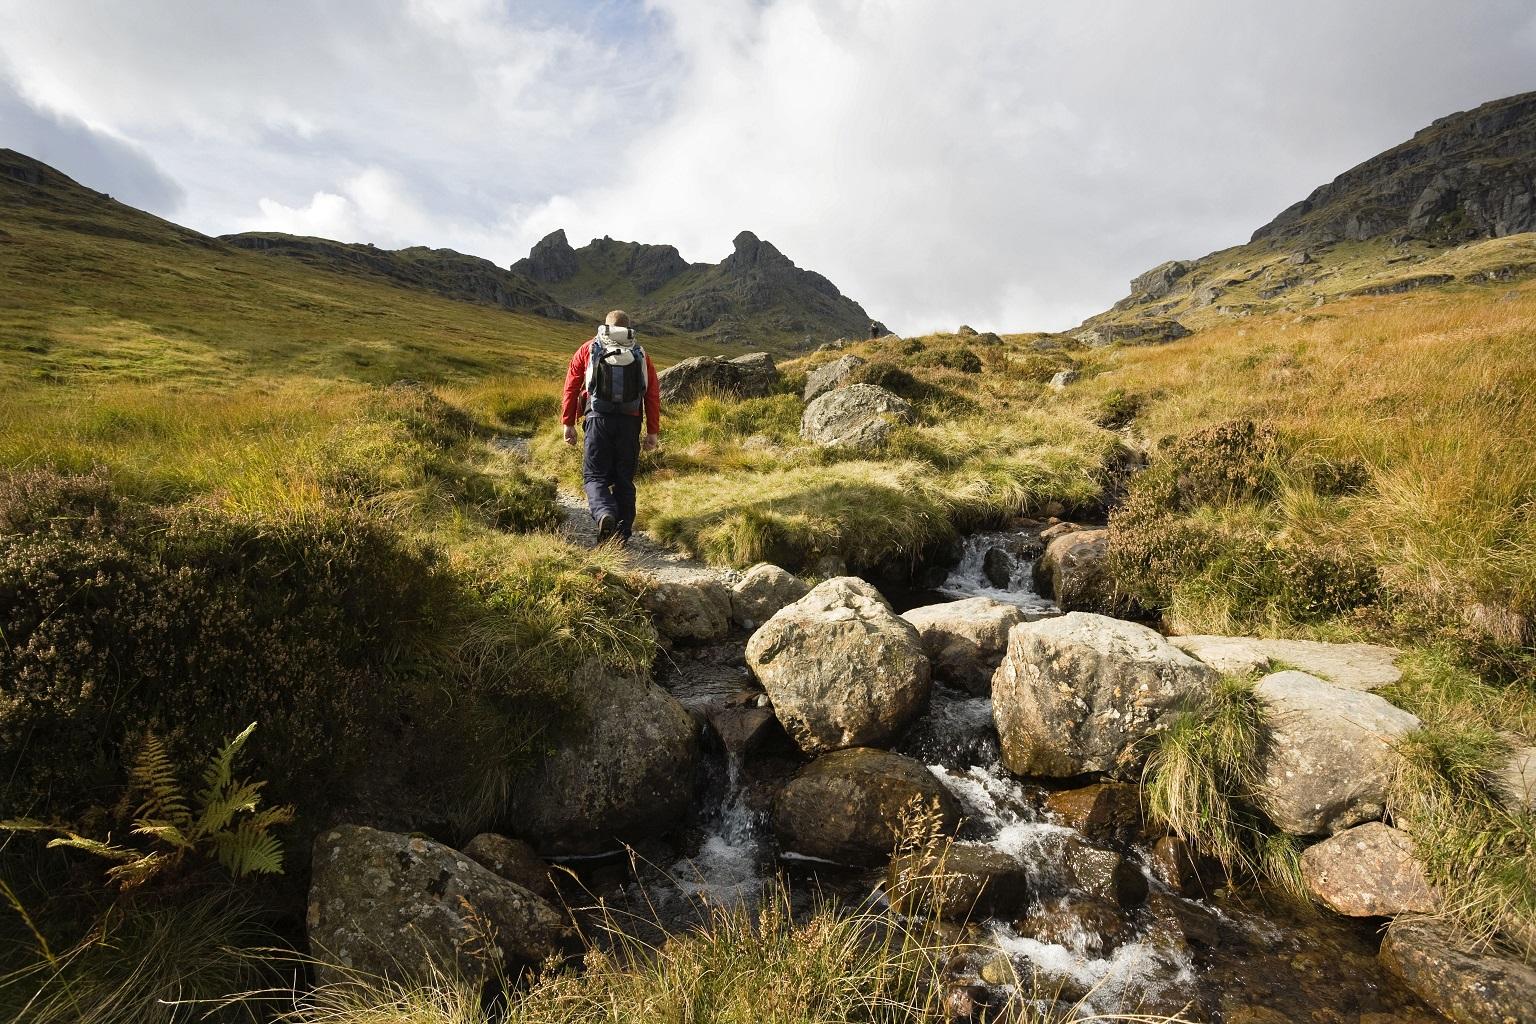 Nationale Parken Groot Brittannië - Loch Lomond & The Trossachs